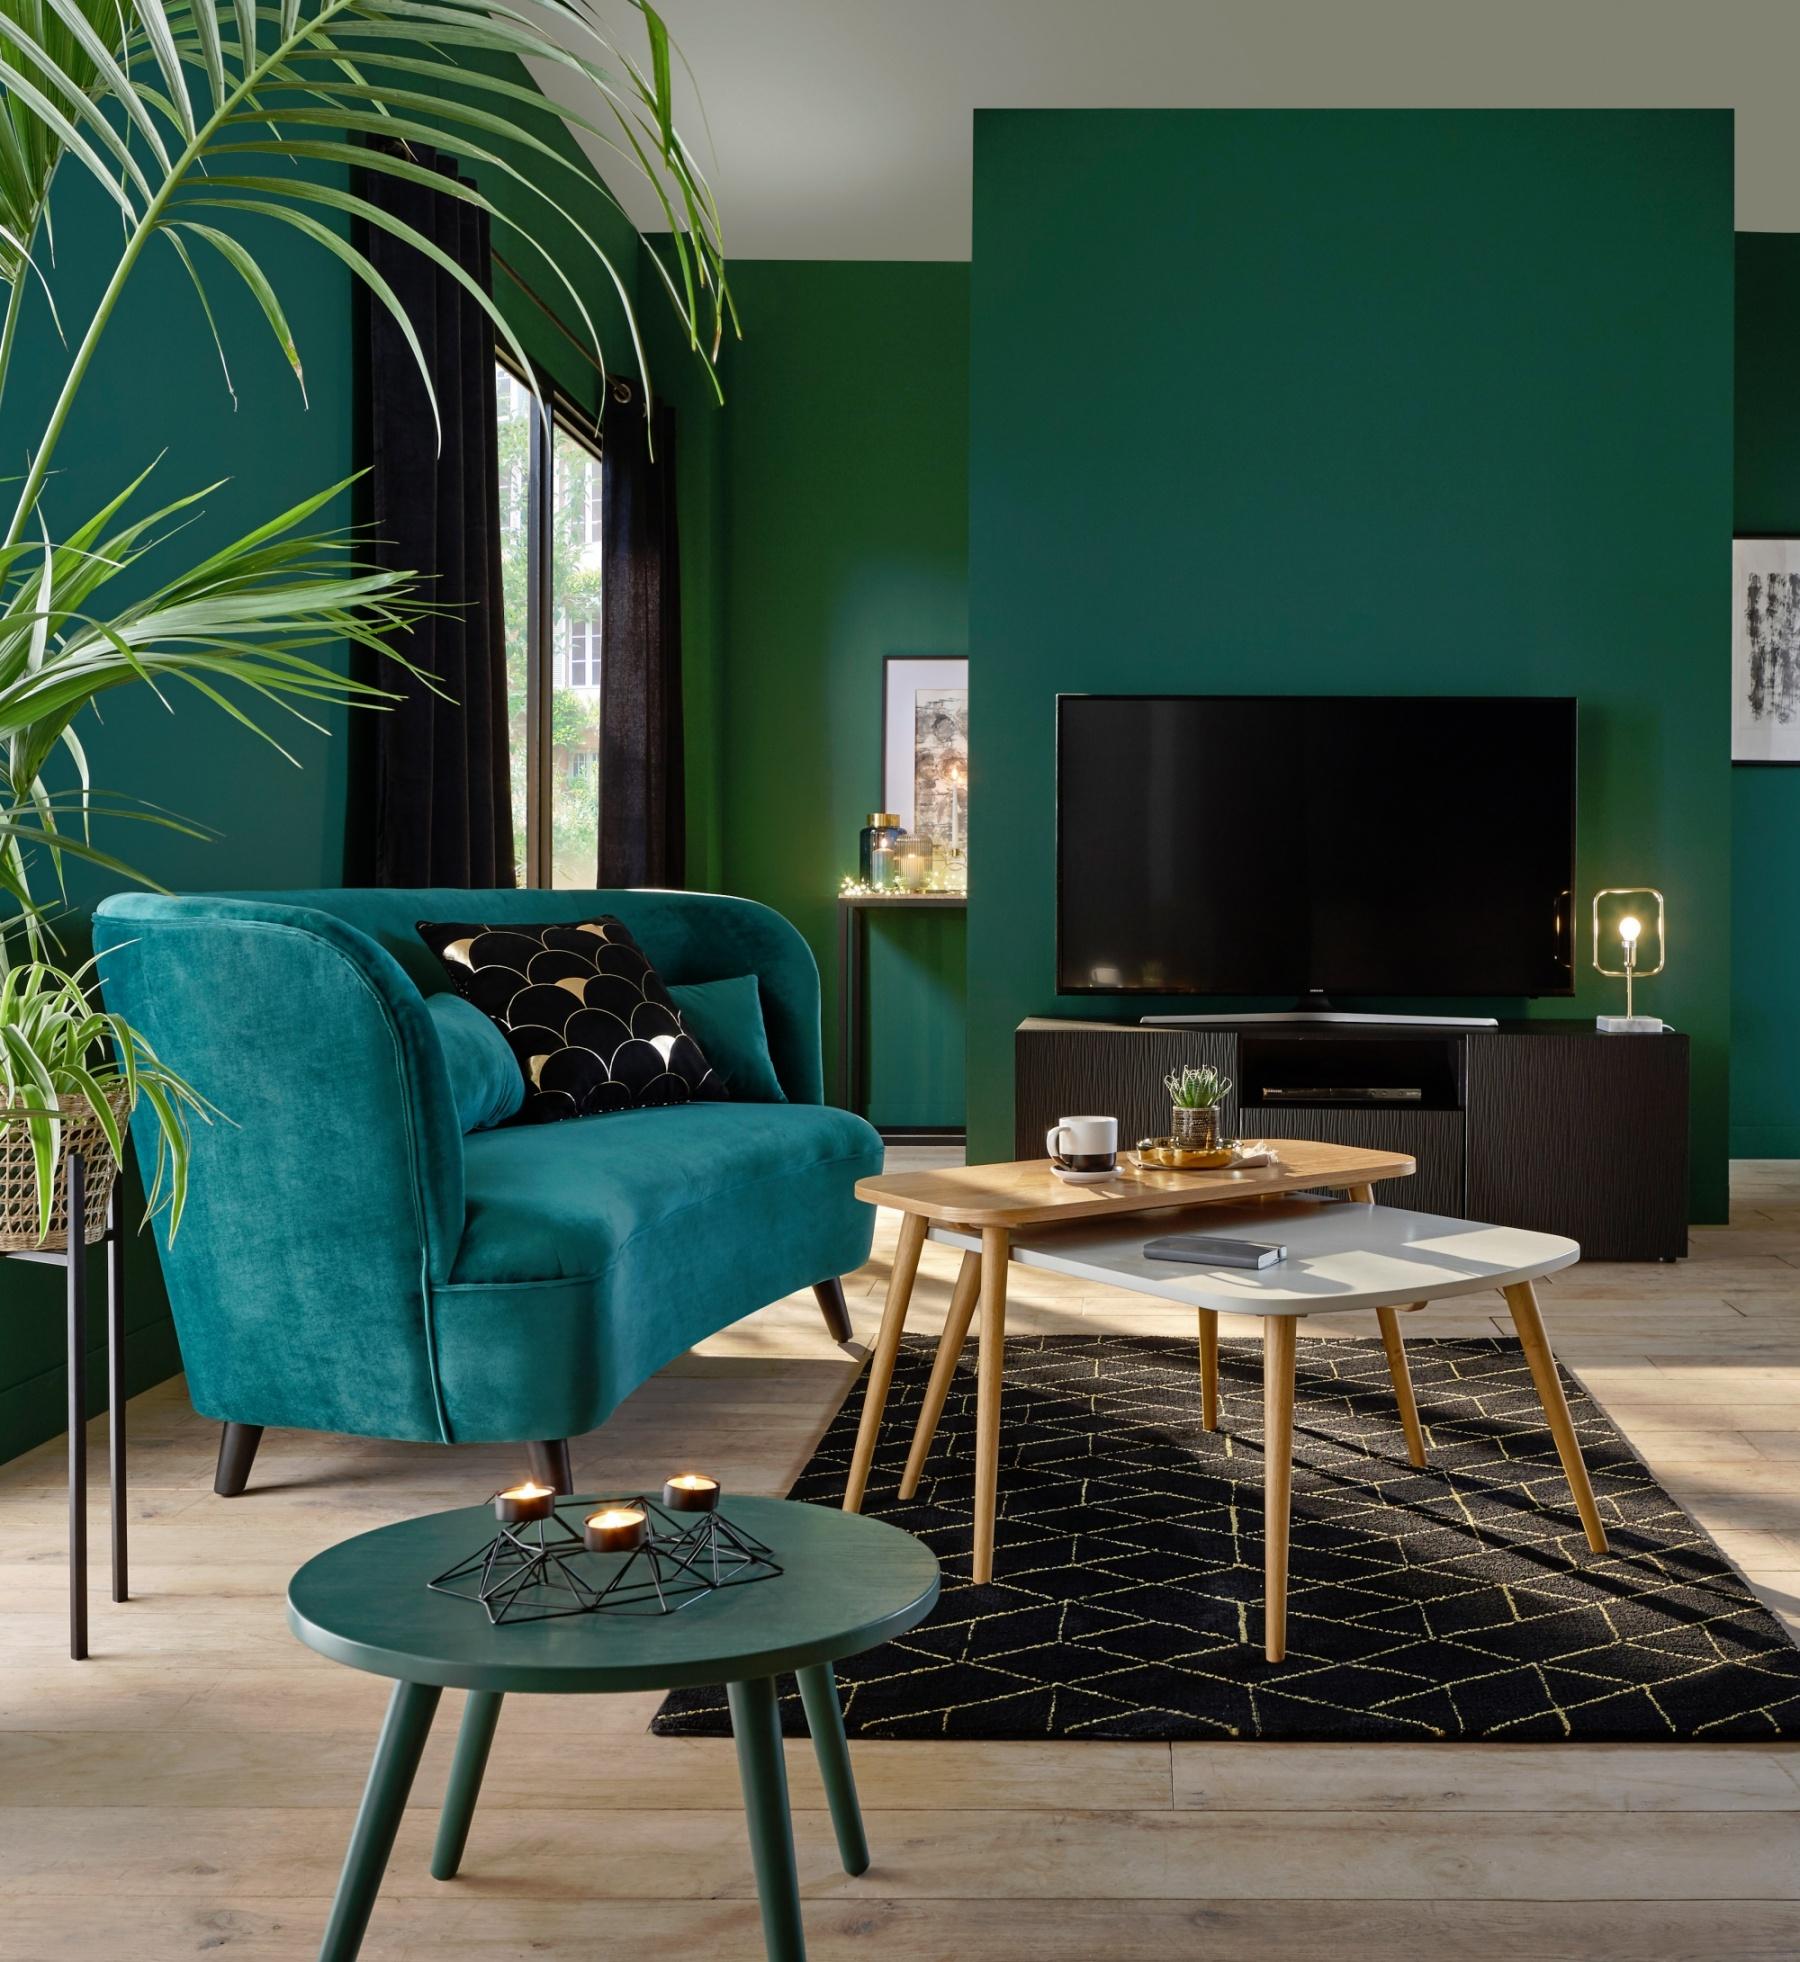 Merveilleux Le Vert Pour Une Pièce Vivante